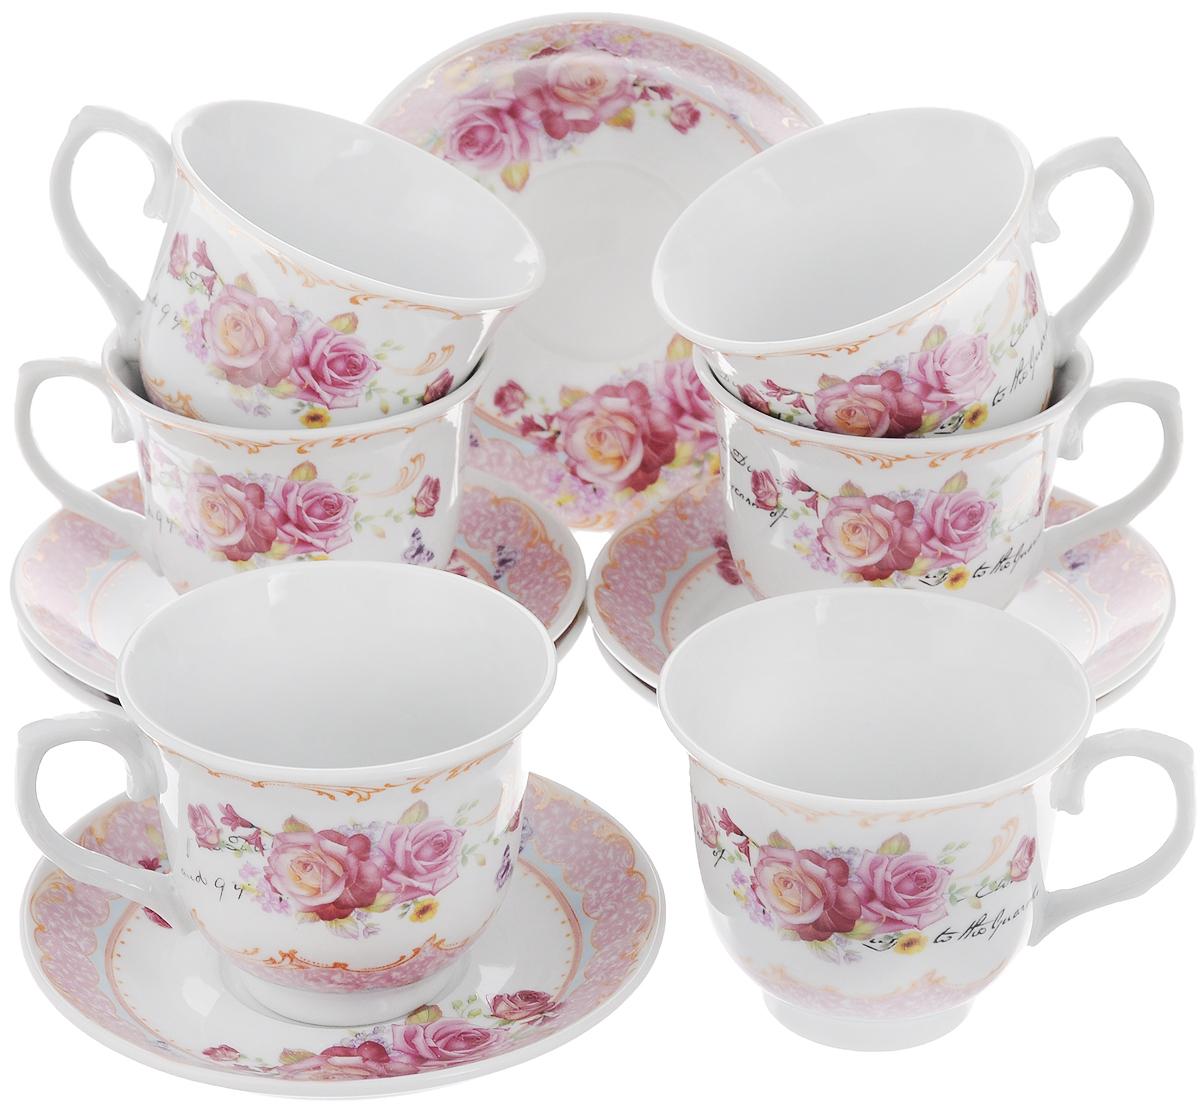 Набор чайный Loraine, 12 предметов. 2578125781Чайный набор Loraine состоит из 6 чашек и 6 блюдец. Изделия выполнены из высококачественного костяного фарфора и оформлены цветочным рисунком. Такой набор дополнит сервировку стола к чаепитию. Благодаря изысканному дизайну и качеству исполнения он станет замечательным подарком для ваших друзей и близких. Набор упакован в подарочную коробку, задрапированную белой атласной тканью. Объем чашки: 220 мл. Диаметр чашки по верхнему краю: 9 см. Высота чашки: 7,5 см. Диаметр блюдца: 13,5 см. Высота блюдца: 2,2 см.